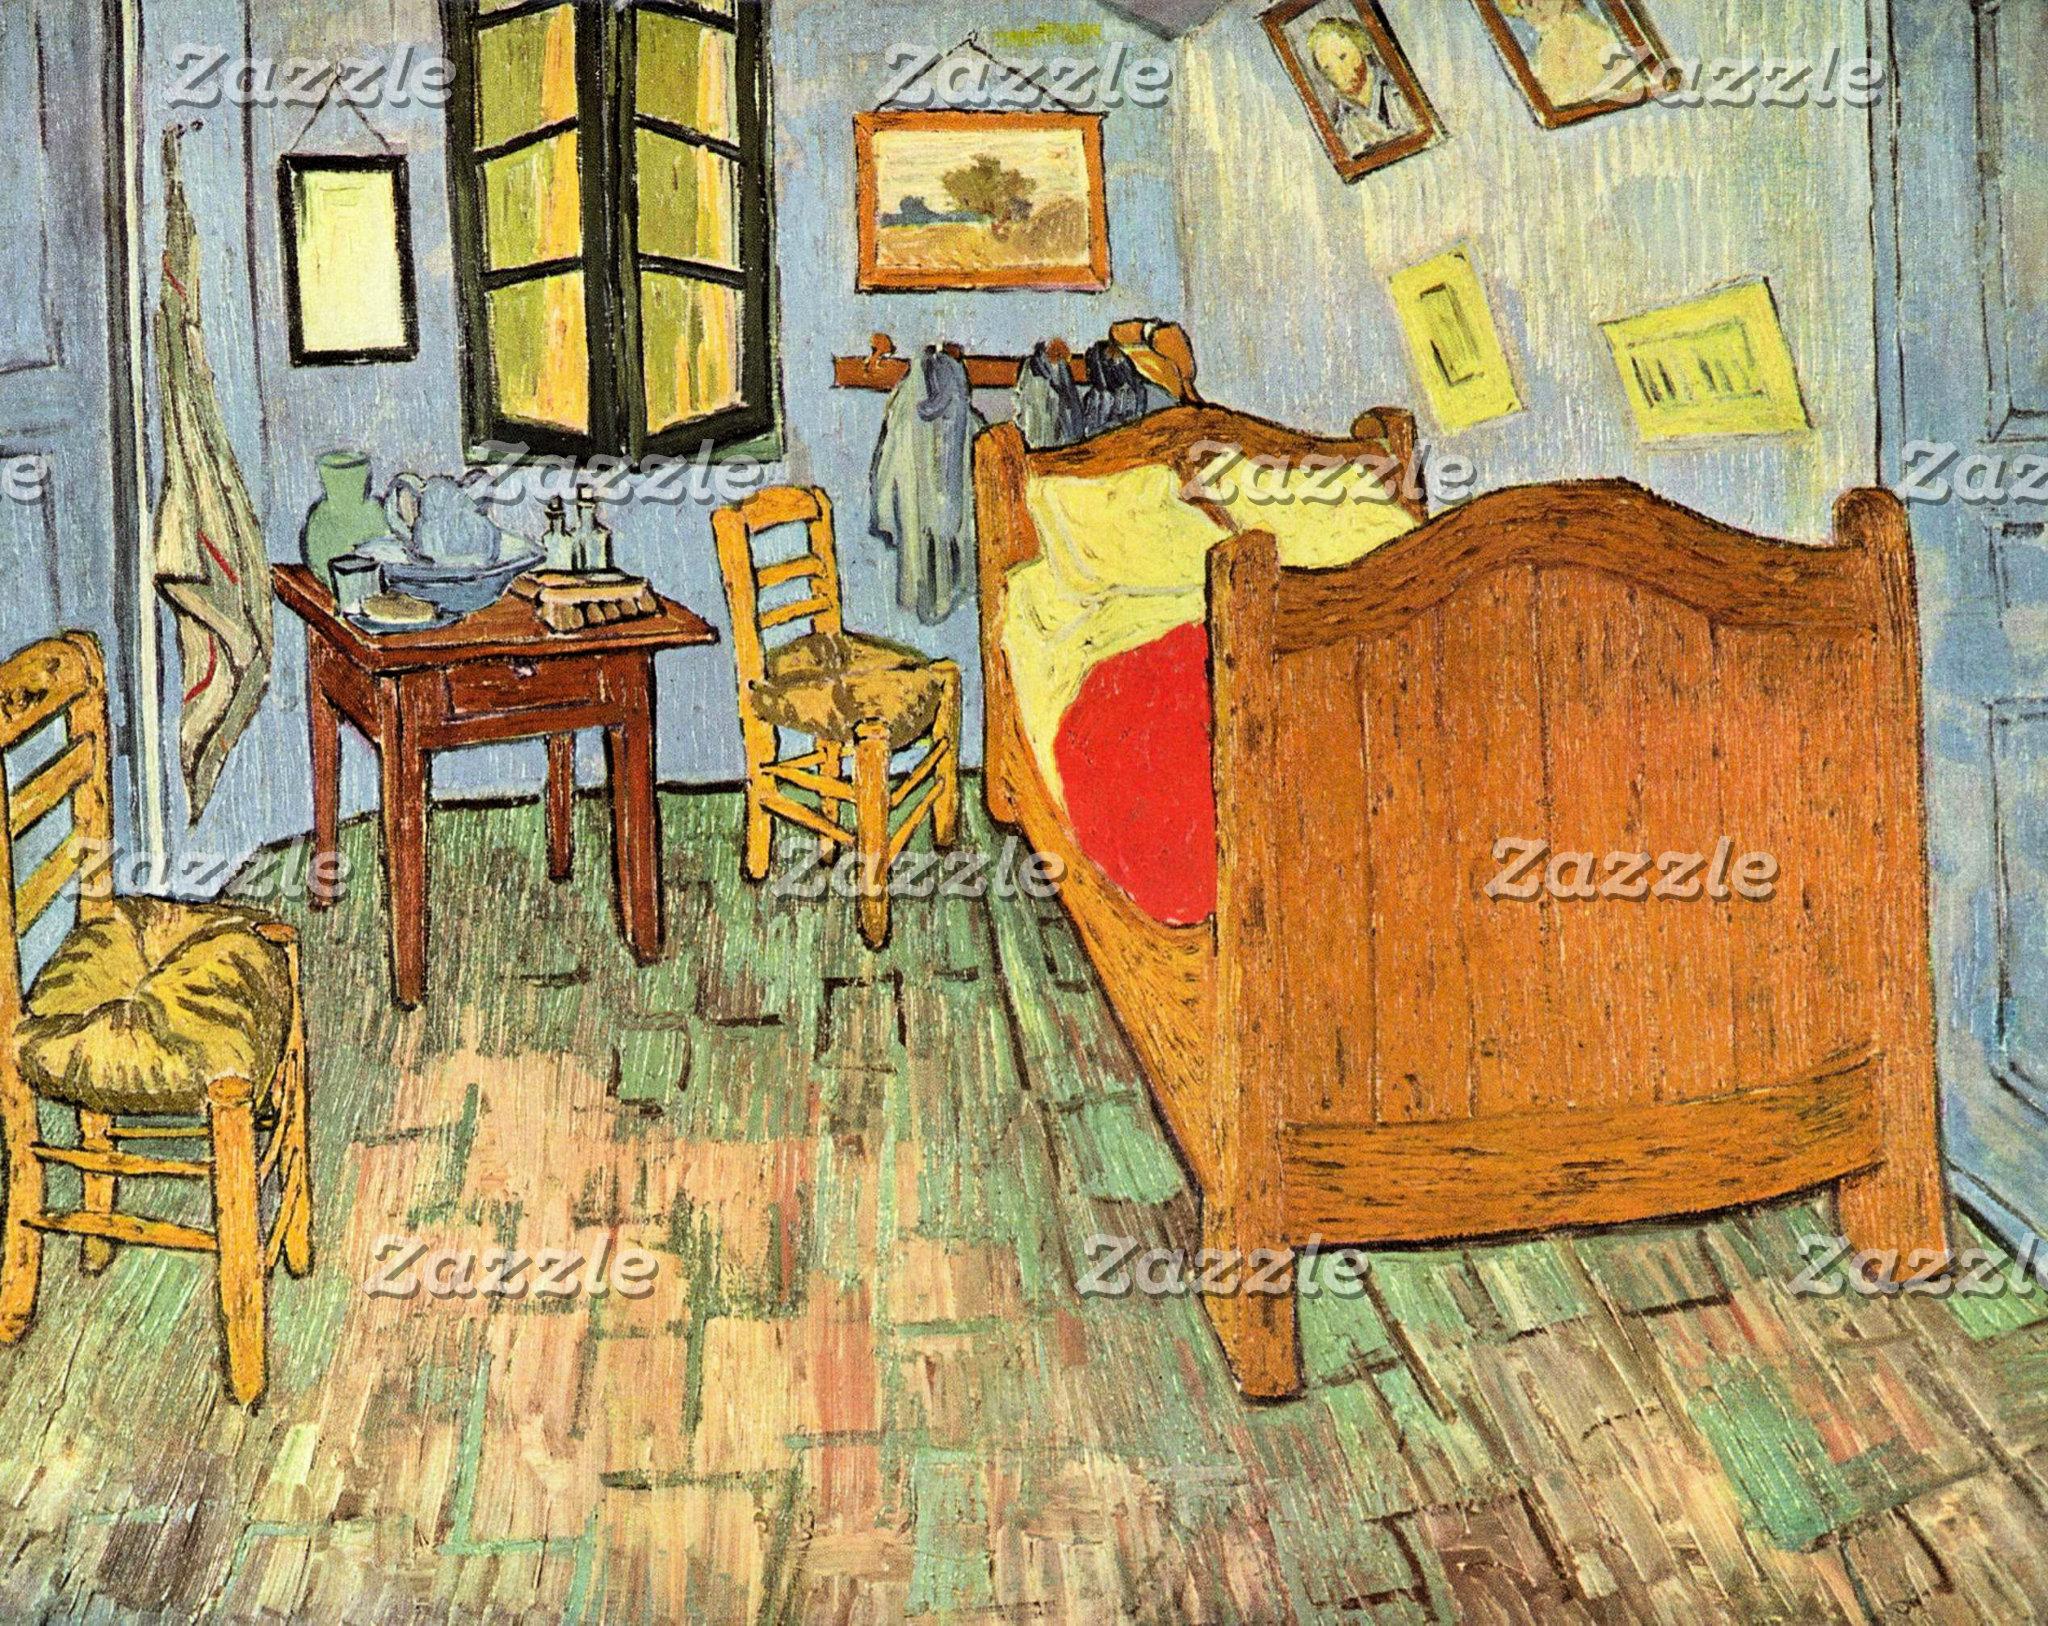 Van Gogh's Bedroom